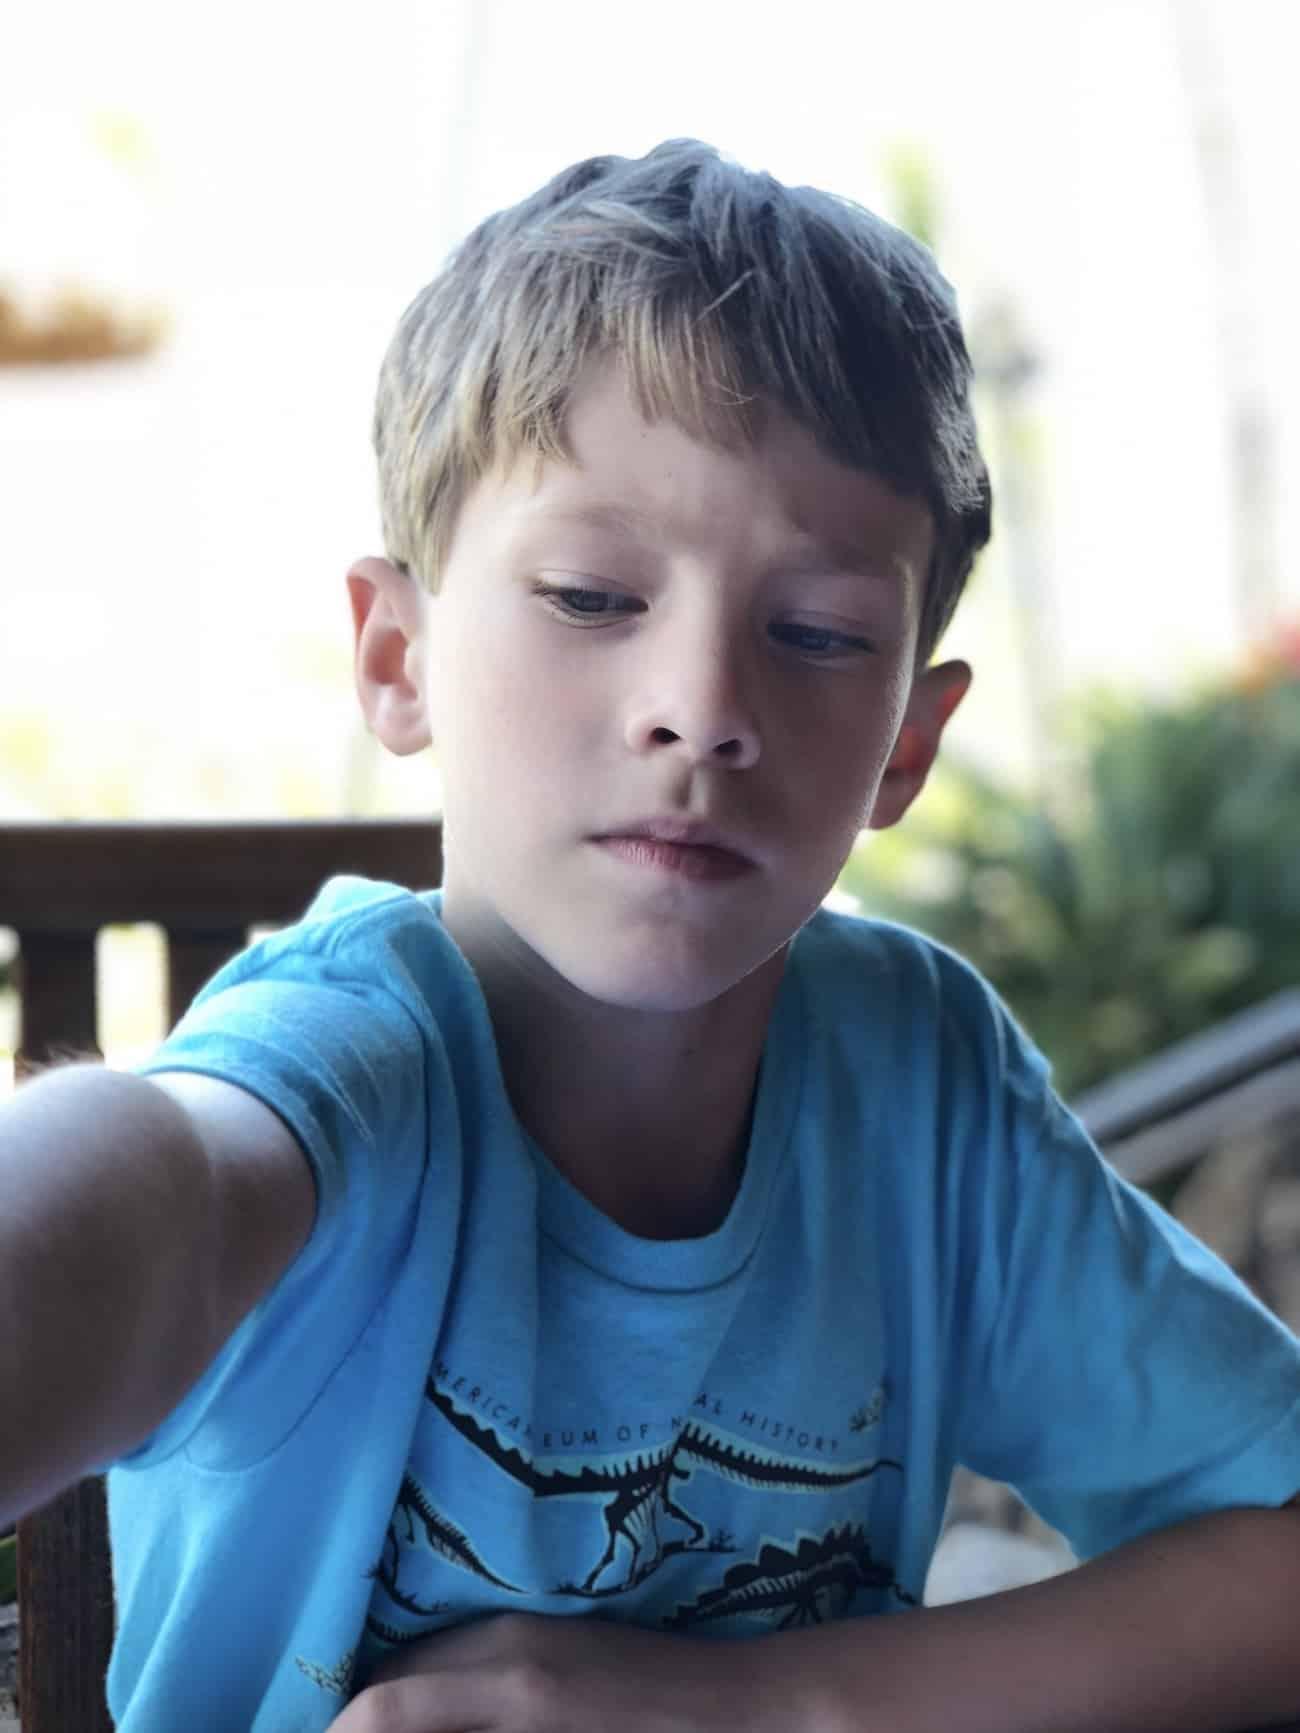 boy reaching in a chair